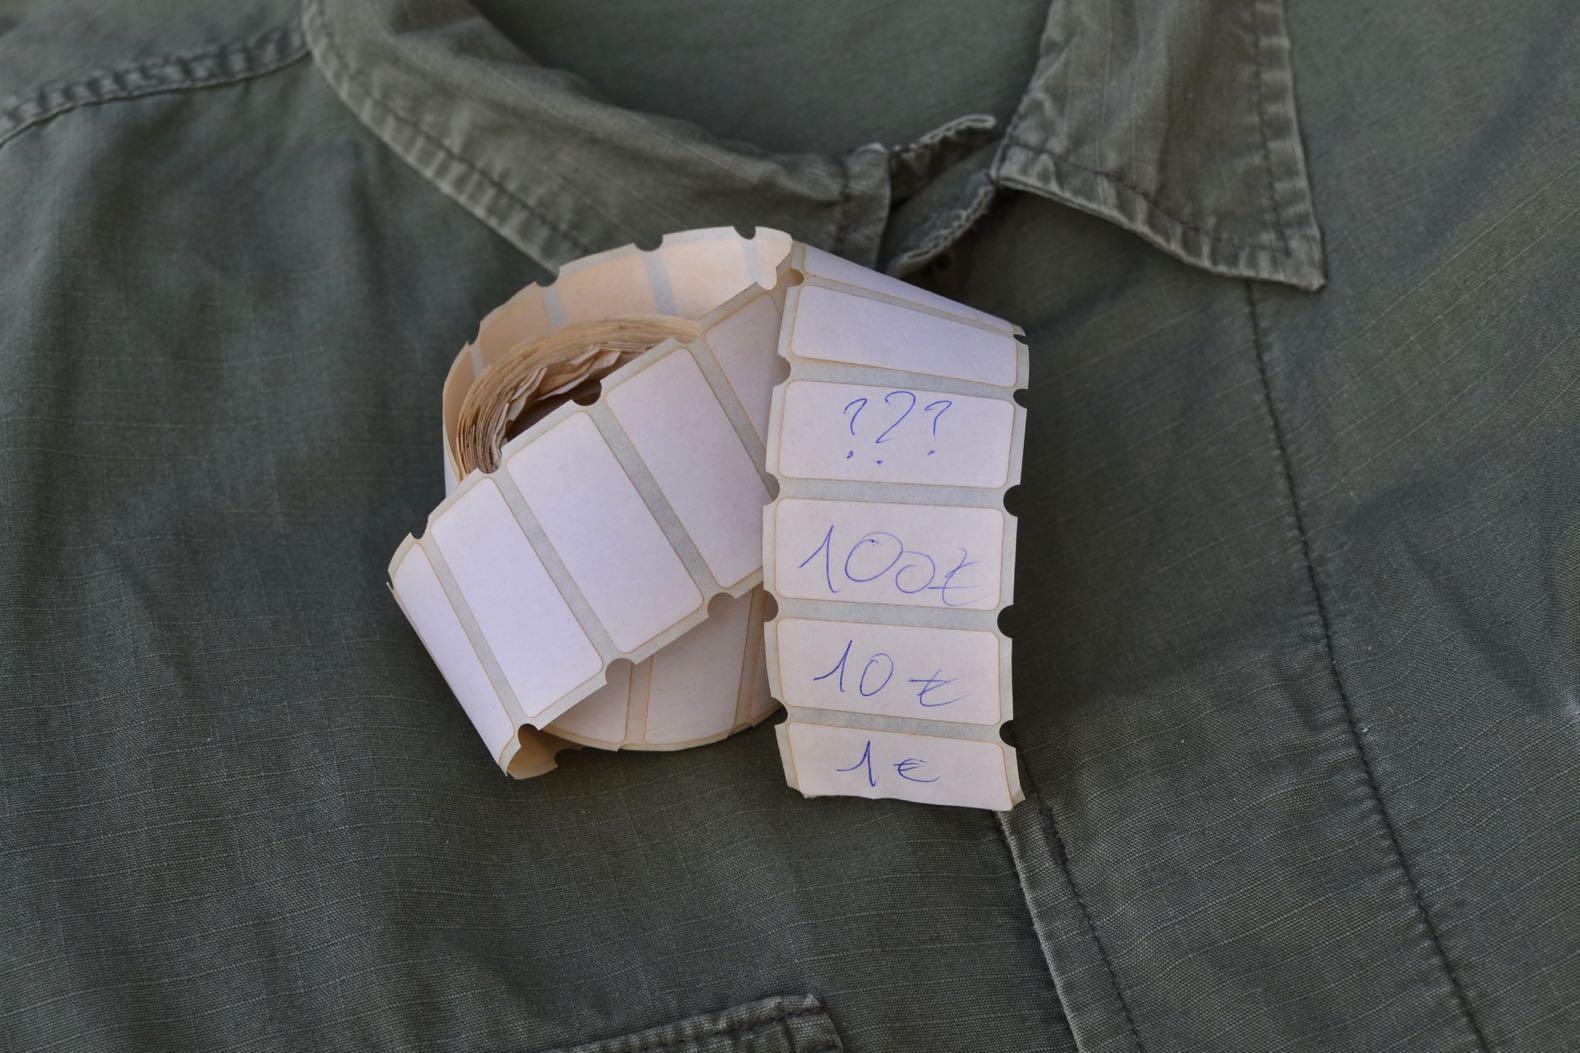 rouleau ancien d'étiqeutte de prix sur une veste en ripstop